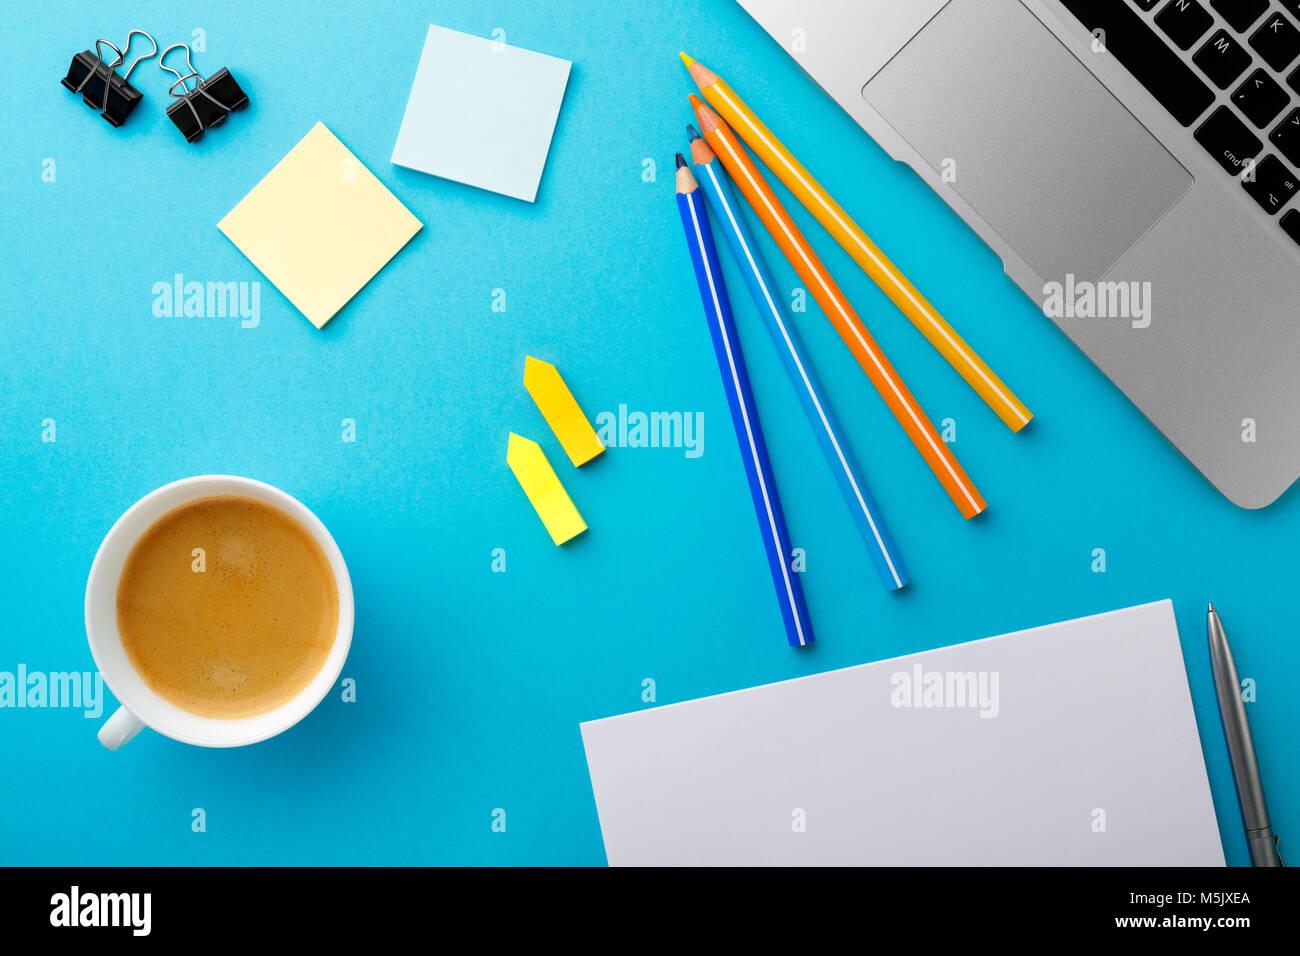 Scrivania Ufficio Blu : Avvio del lavoro di mattina scrivania in ufficio con una tazza di